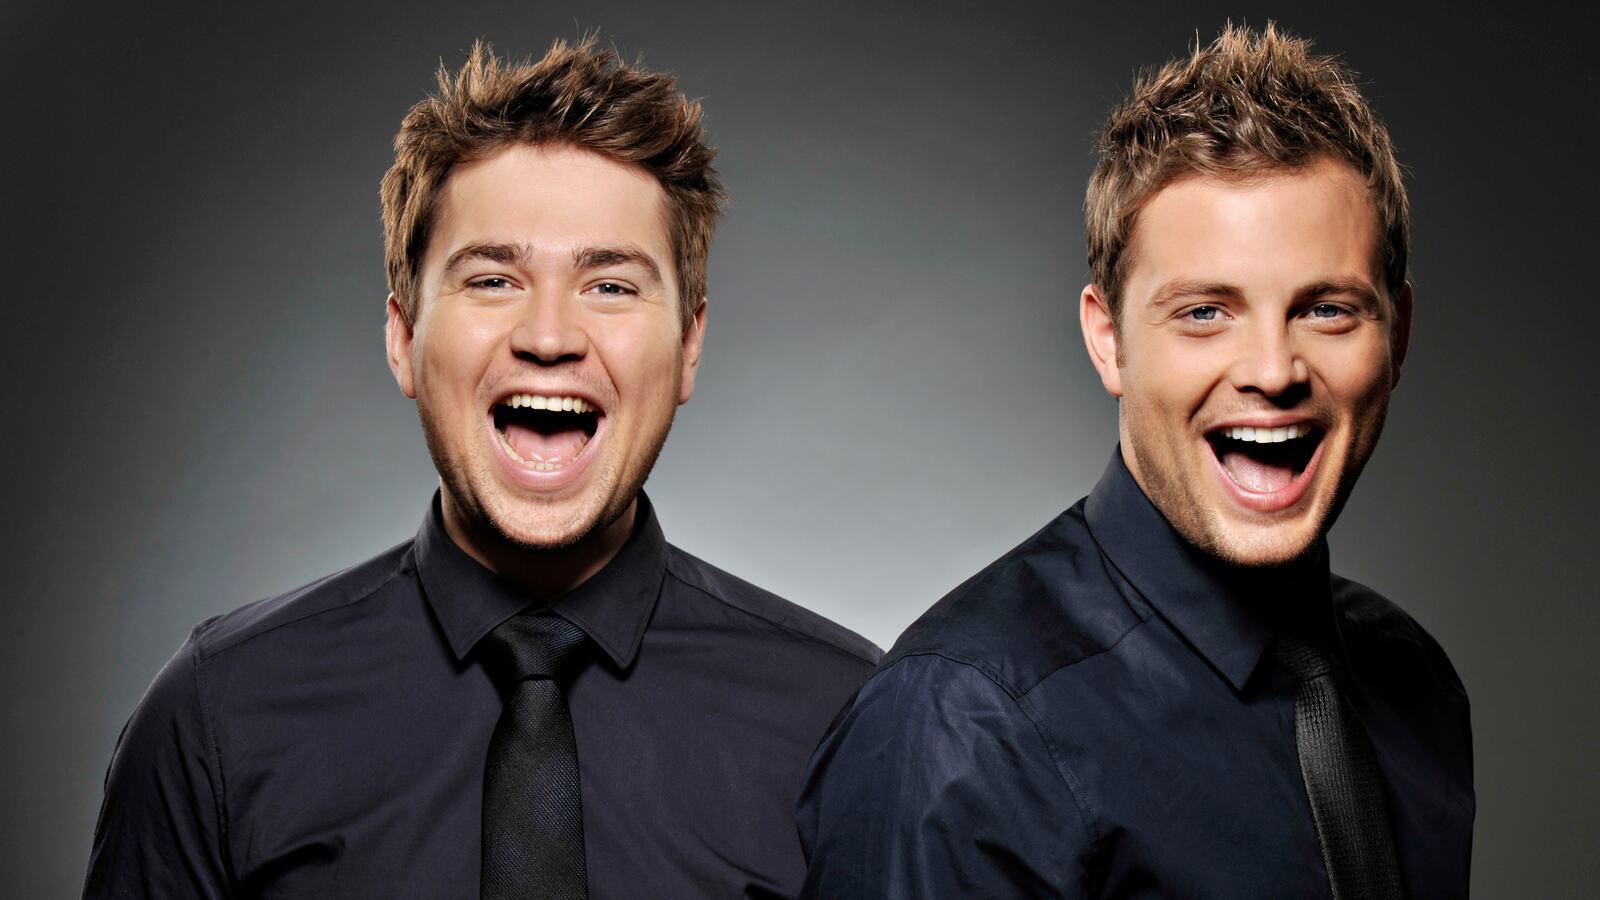 Sam and Mark, kids' TV presenters